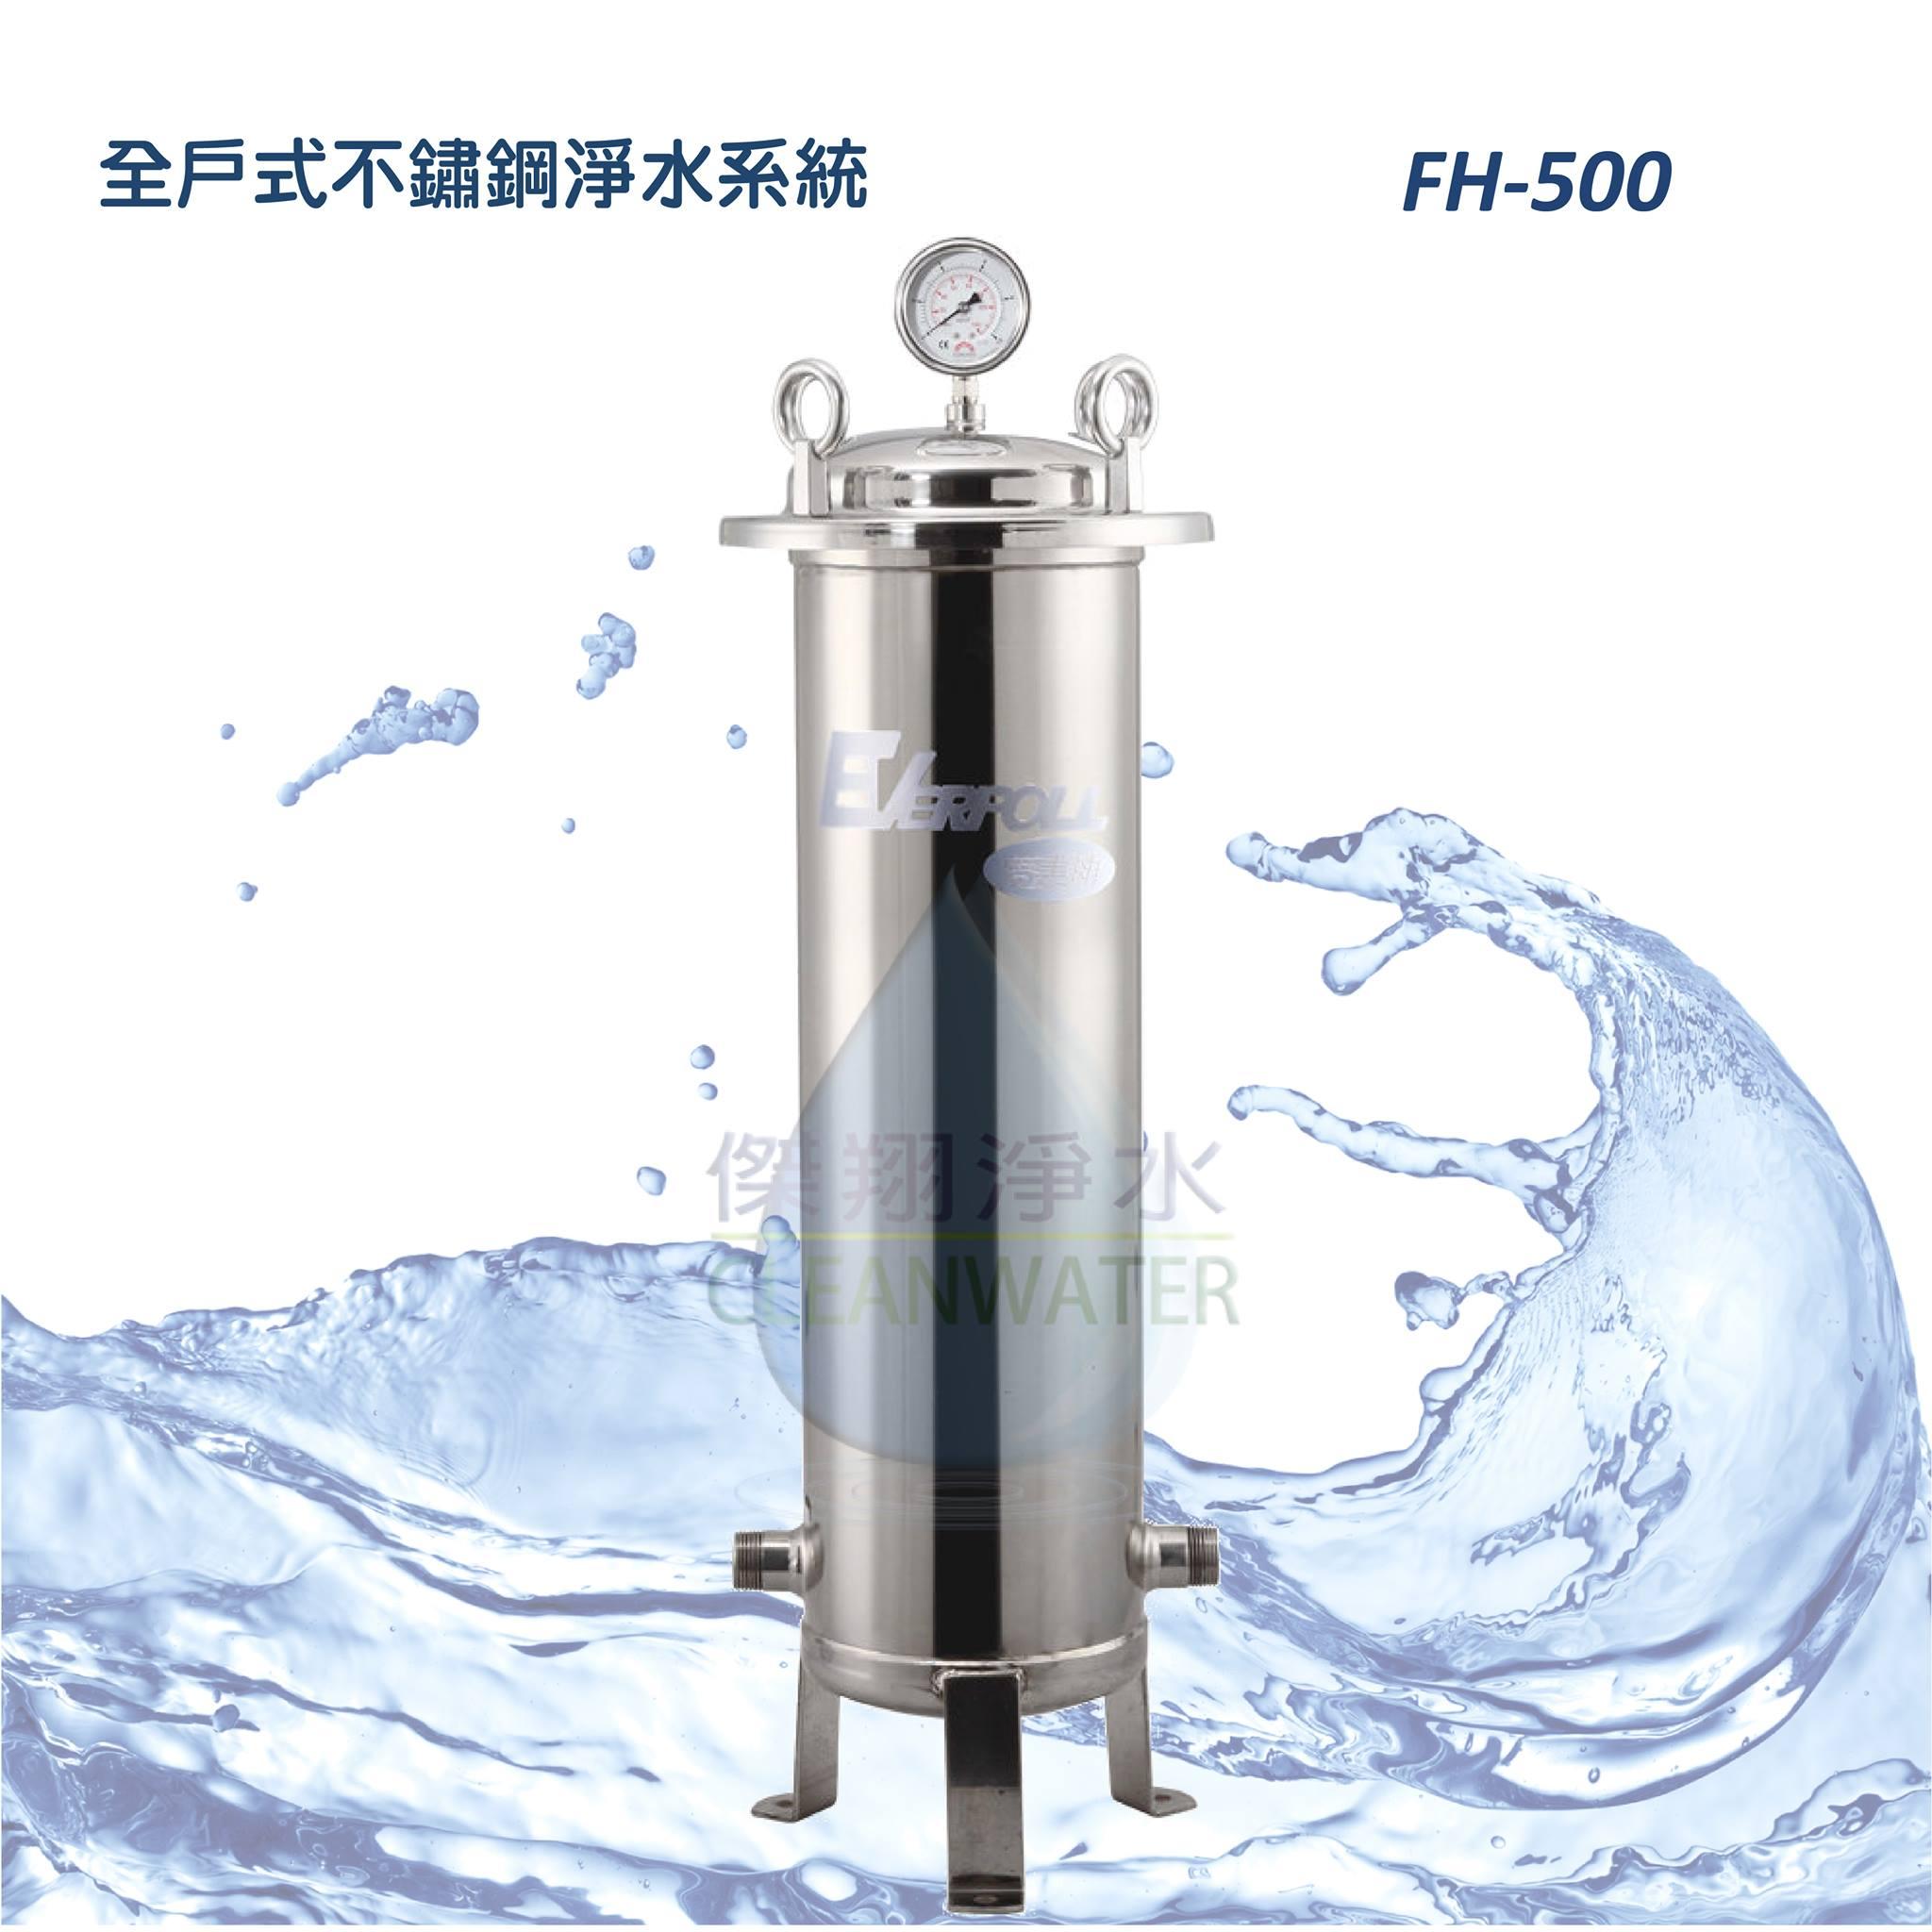 愛惠浦 EVERPOLL  全戶式不鏽鋼水塔過濾器 FH-500【免費到府標準安裝】